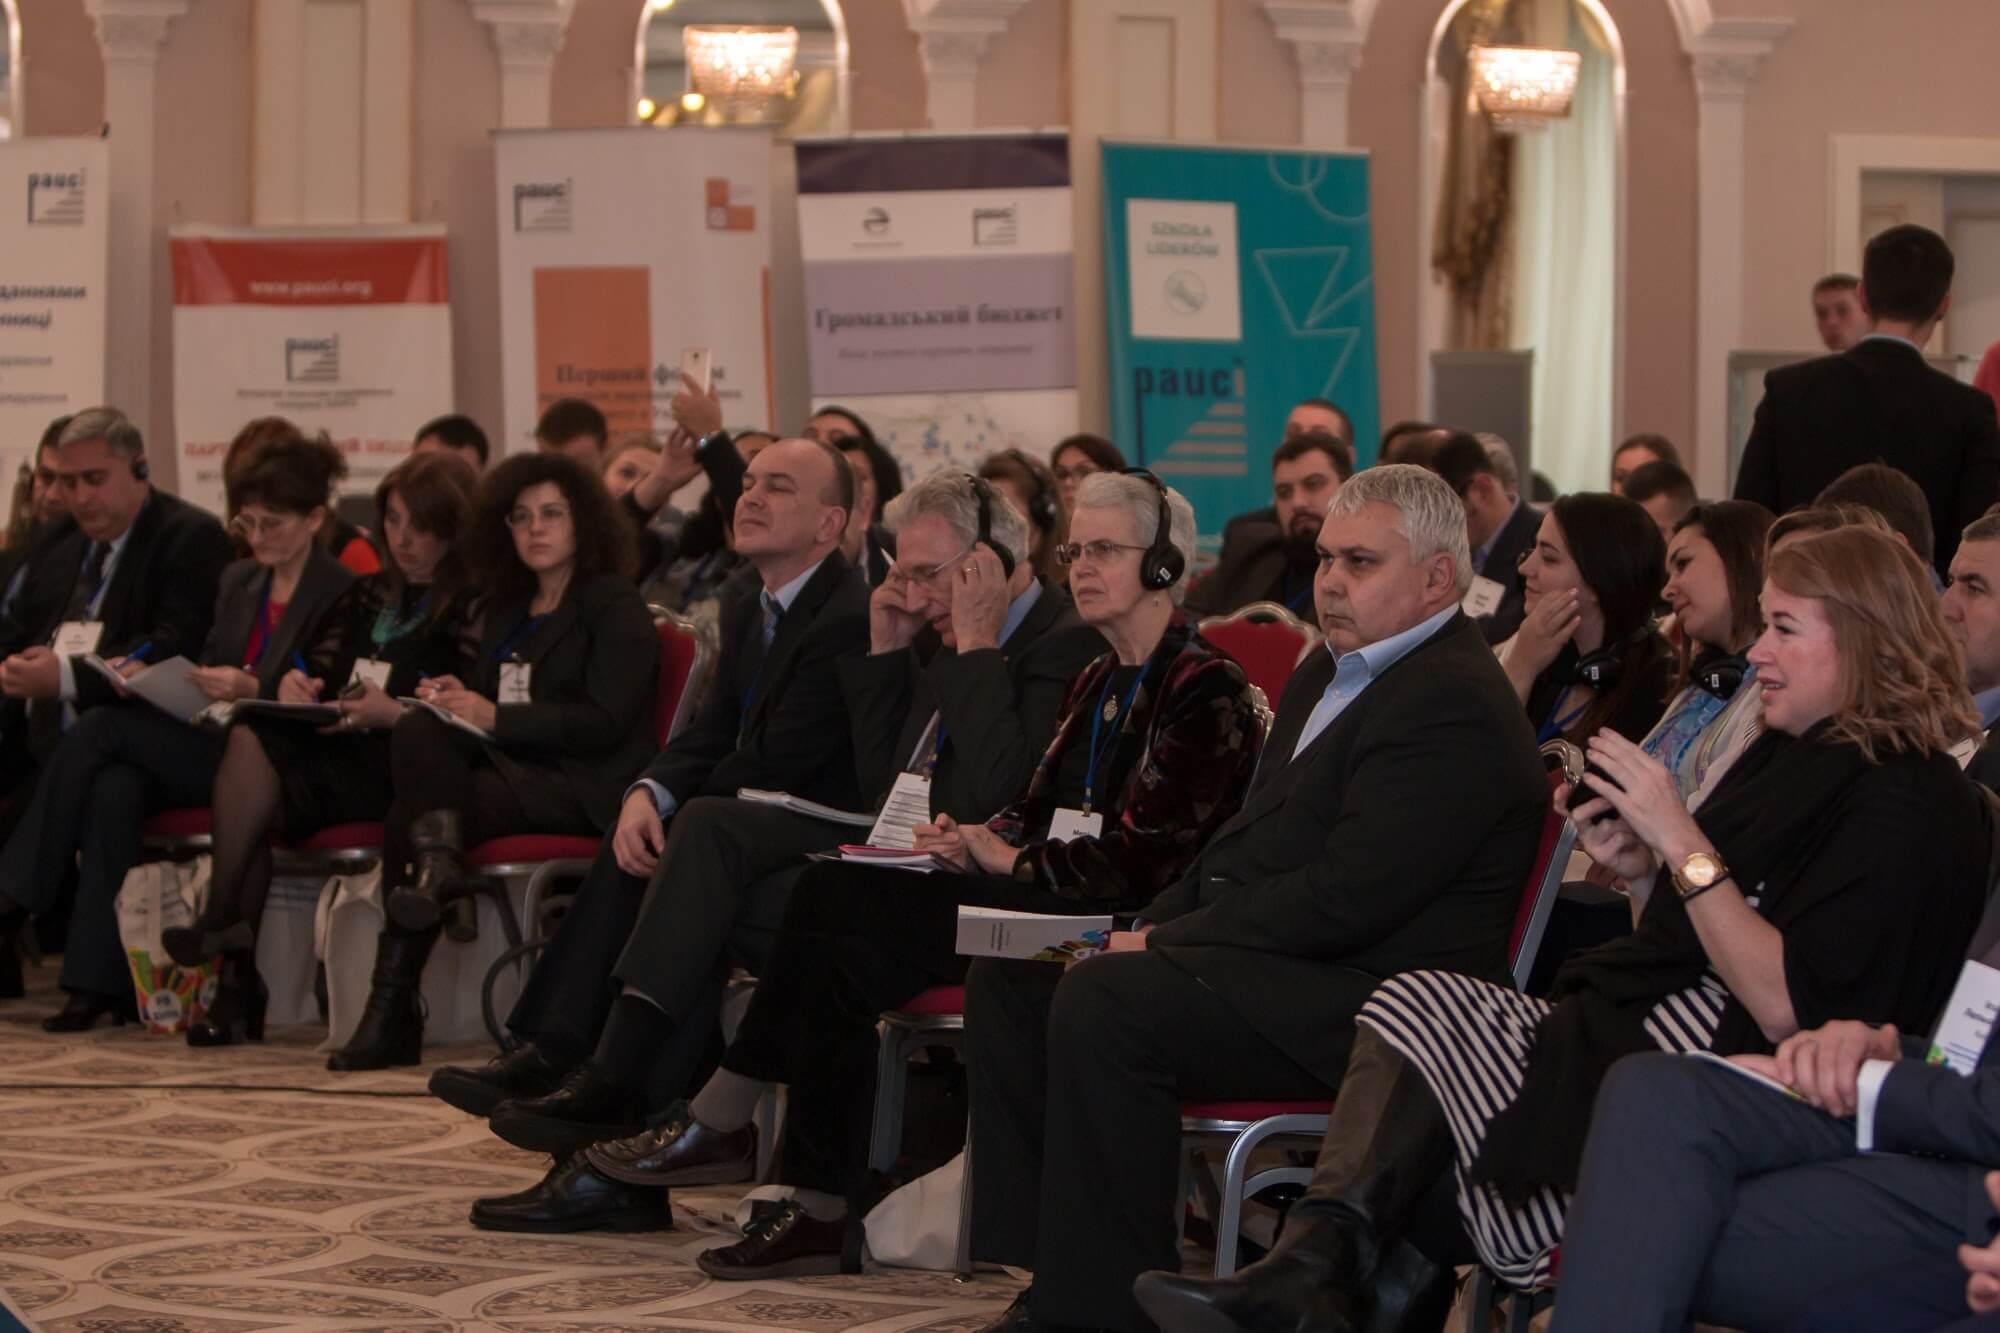 ІІ Форум практиків партиципації «Громадські бюджети від А до Я»